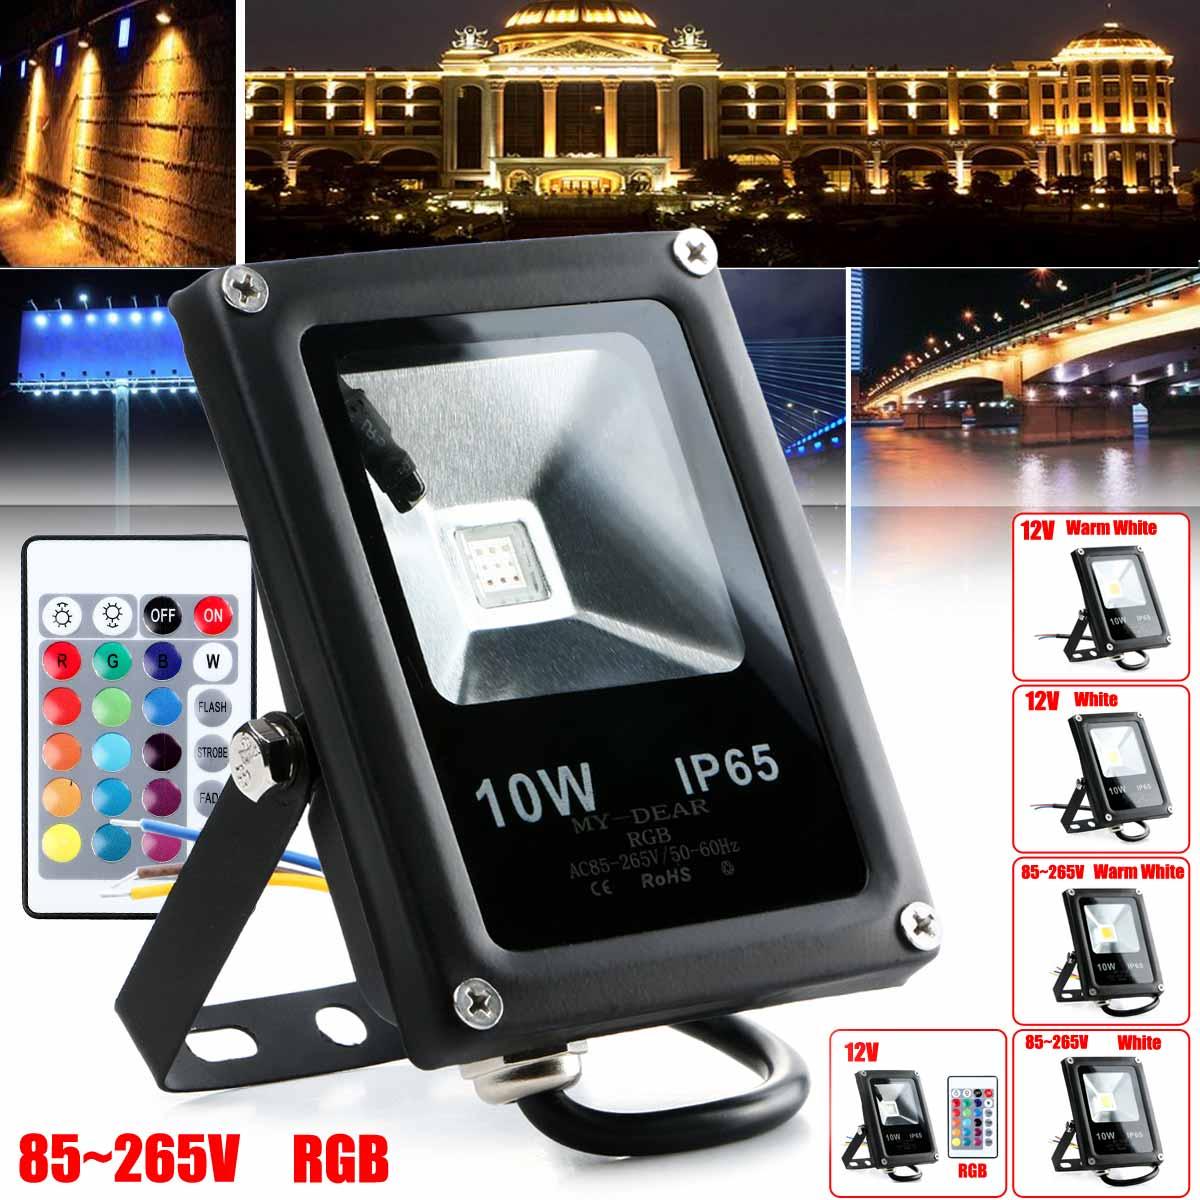 10W Waterproof IP65 Outdoor Flat LED Light Landscape Lighting 12V/85-265V